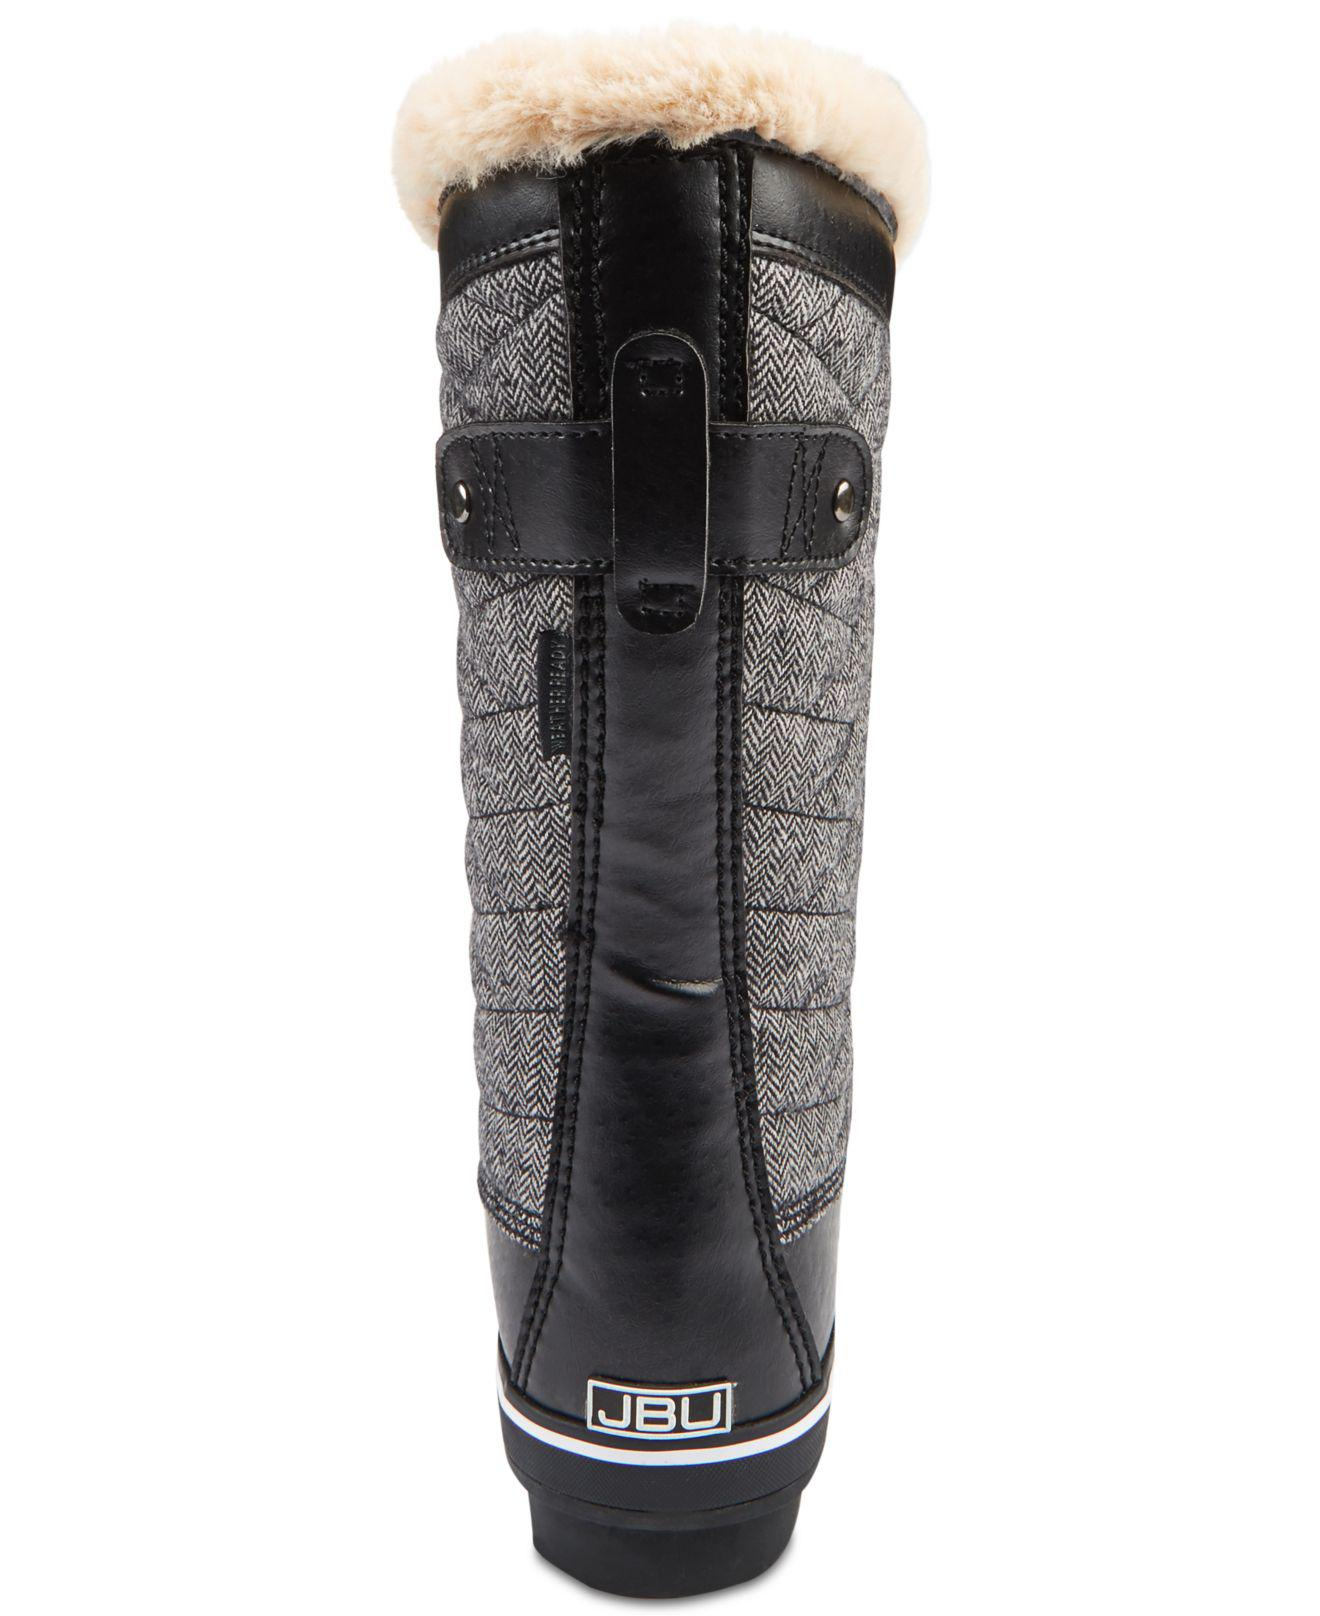 d9683ae8772 Jambu Black Jbu By Lorna Wide-calf Winter Boots